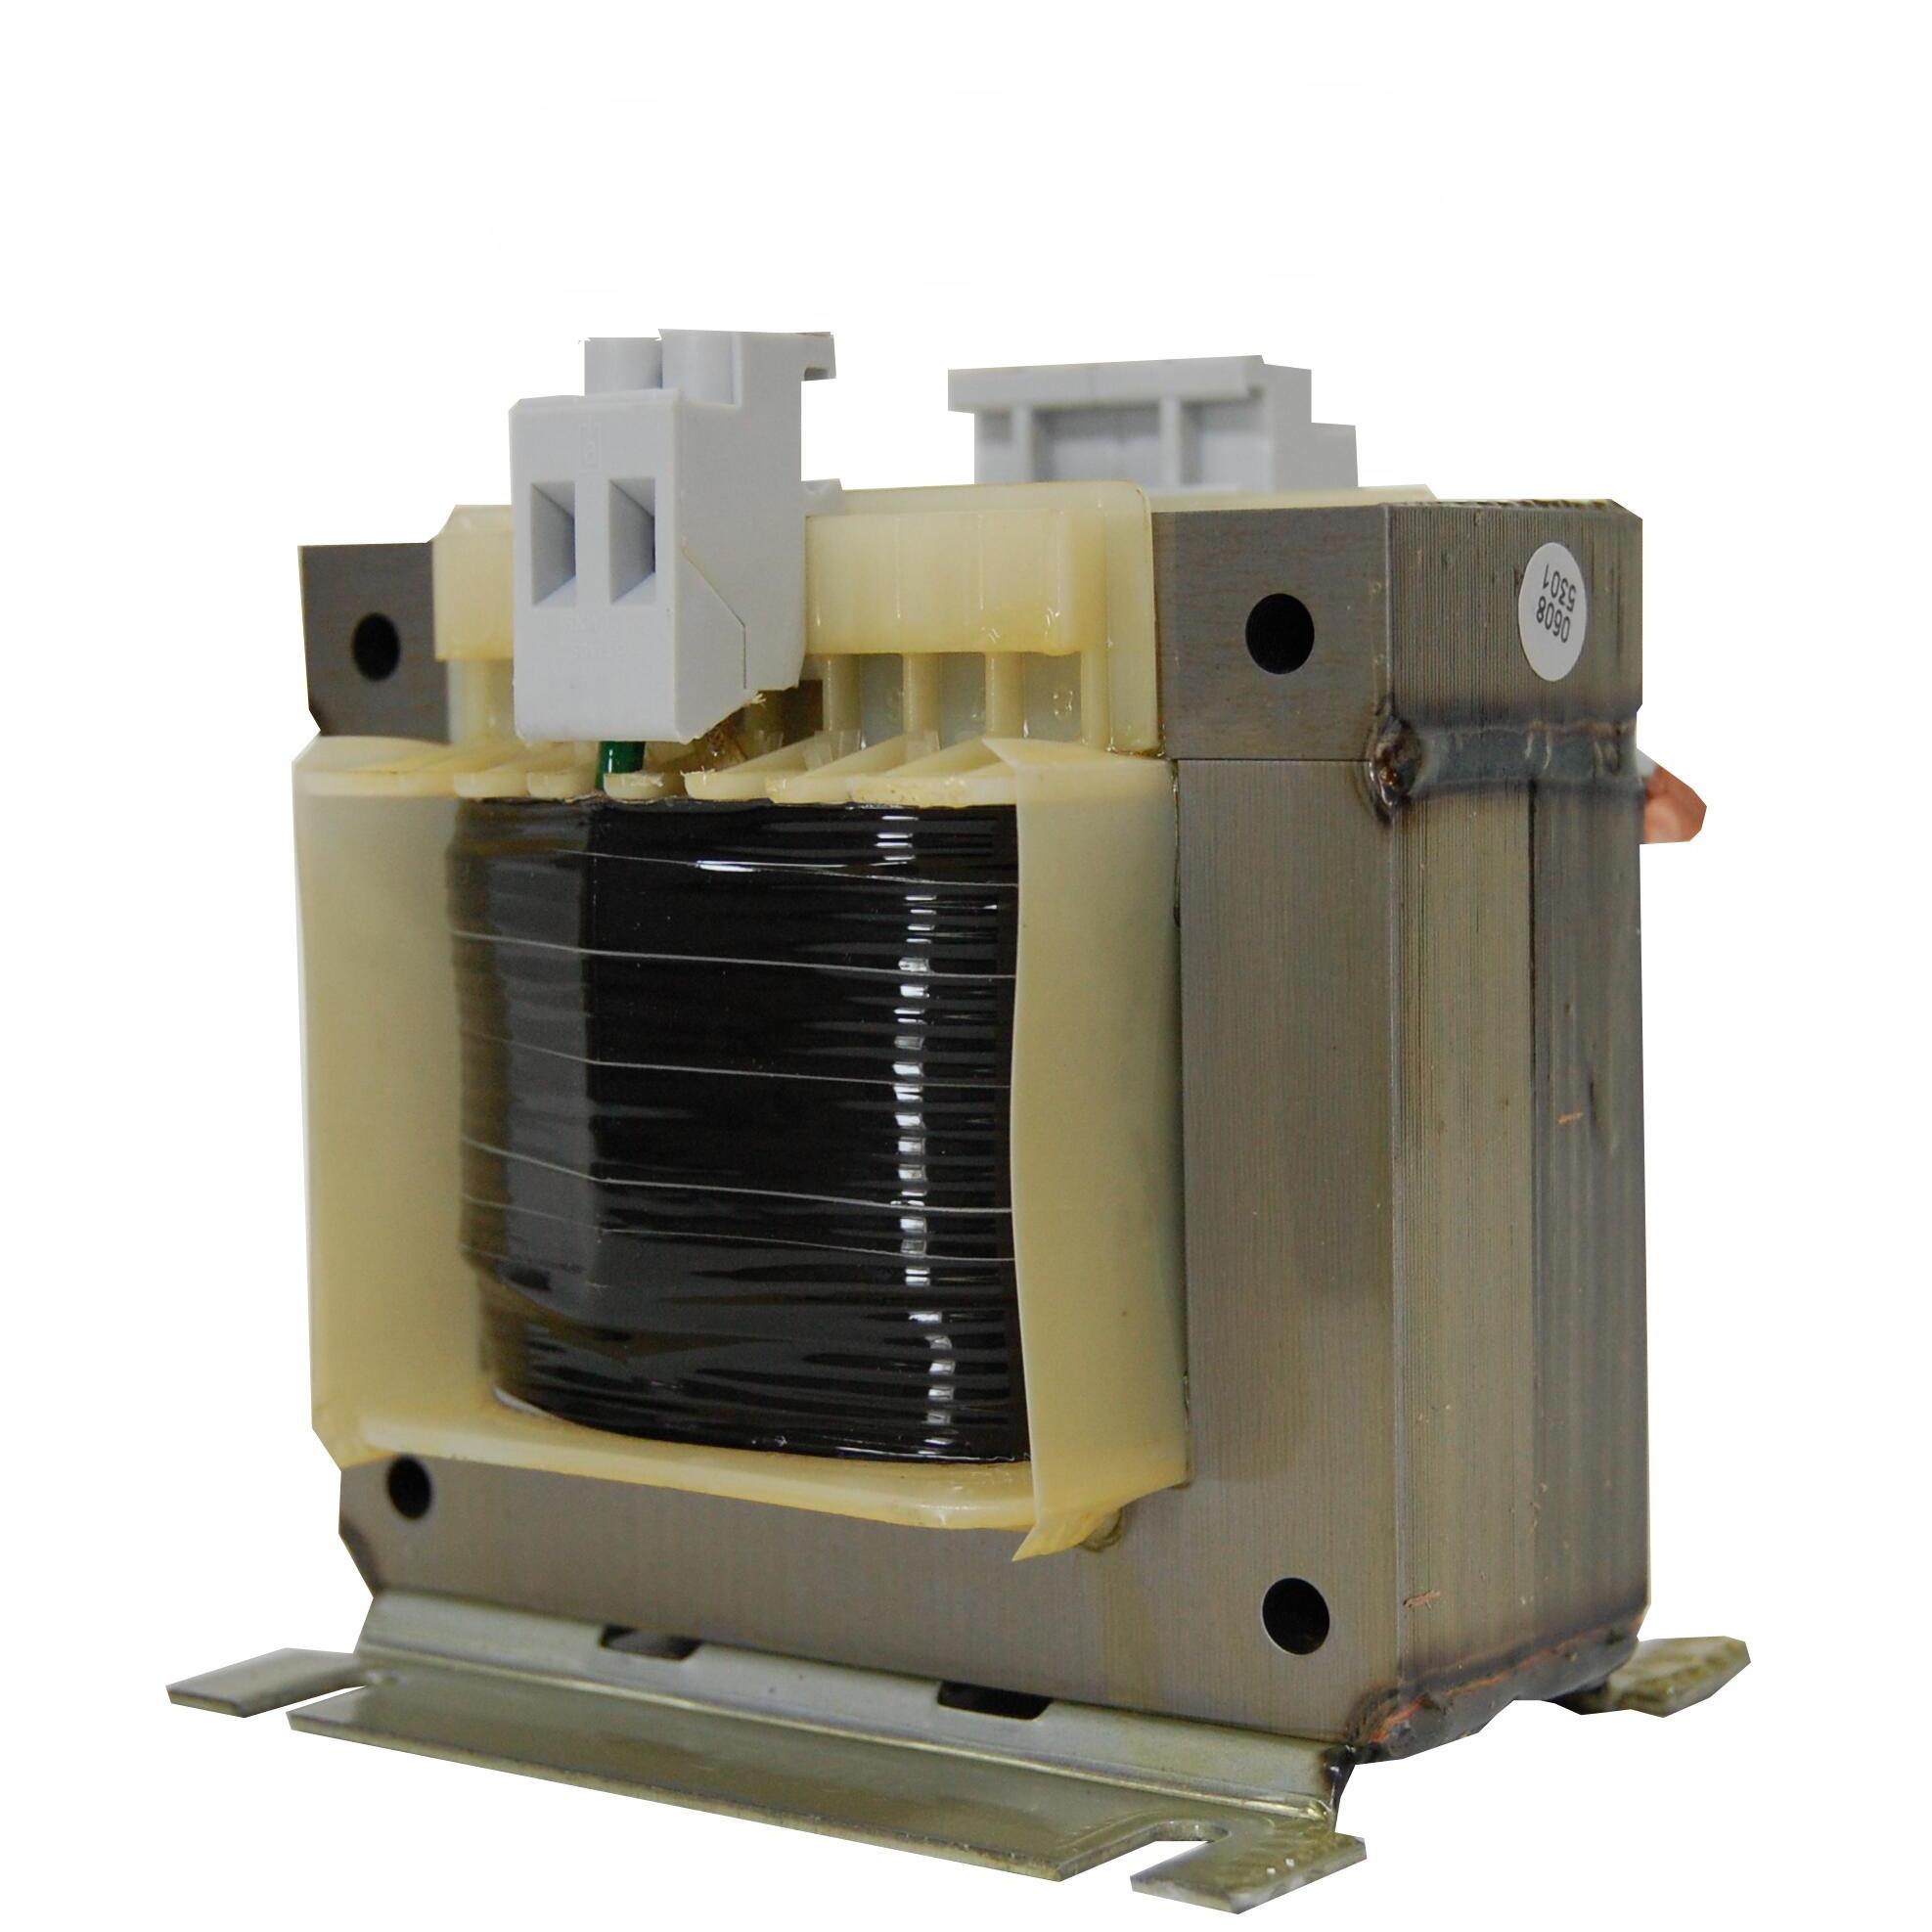 1 Stk Einphasen Steuertransformator 400/24V, 100VA, IP00 LP603010T-